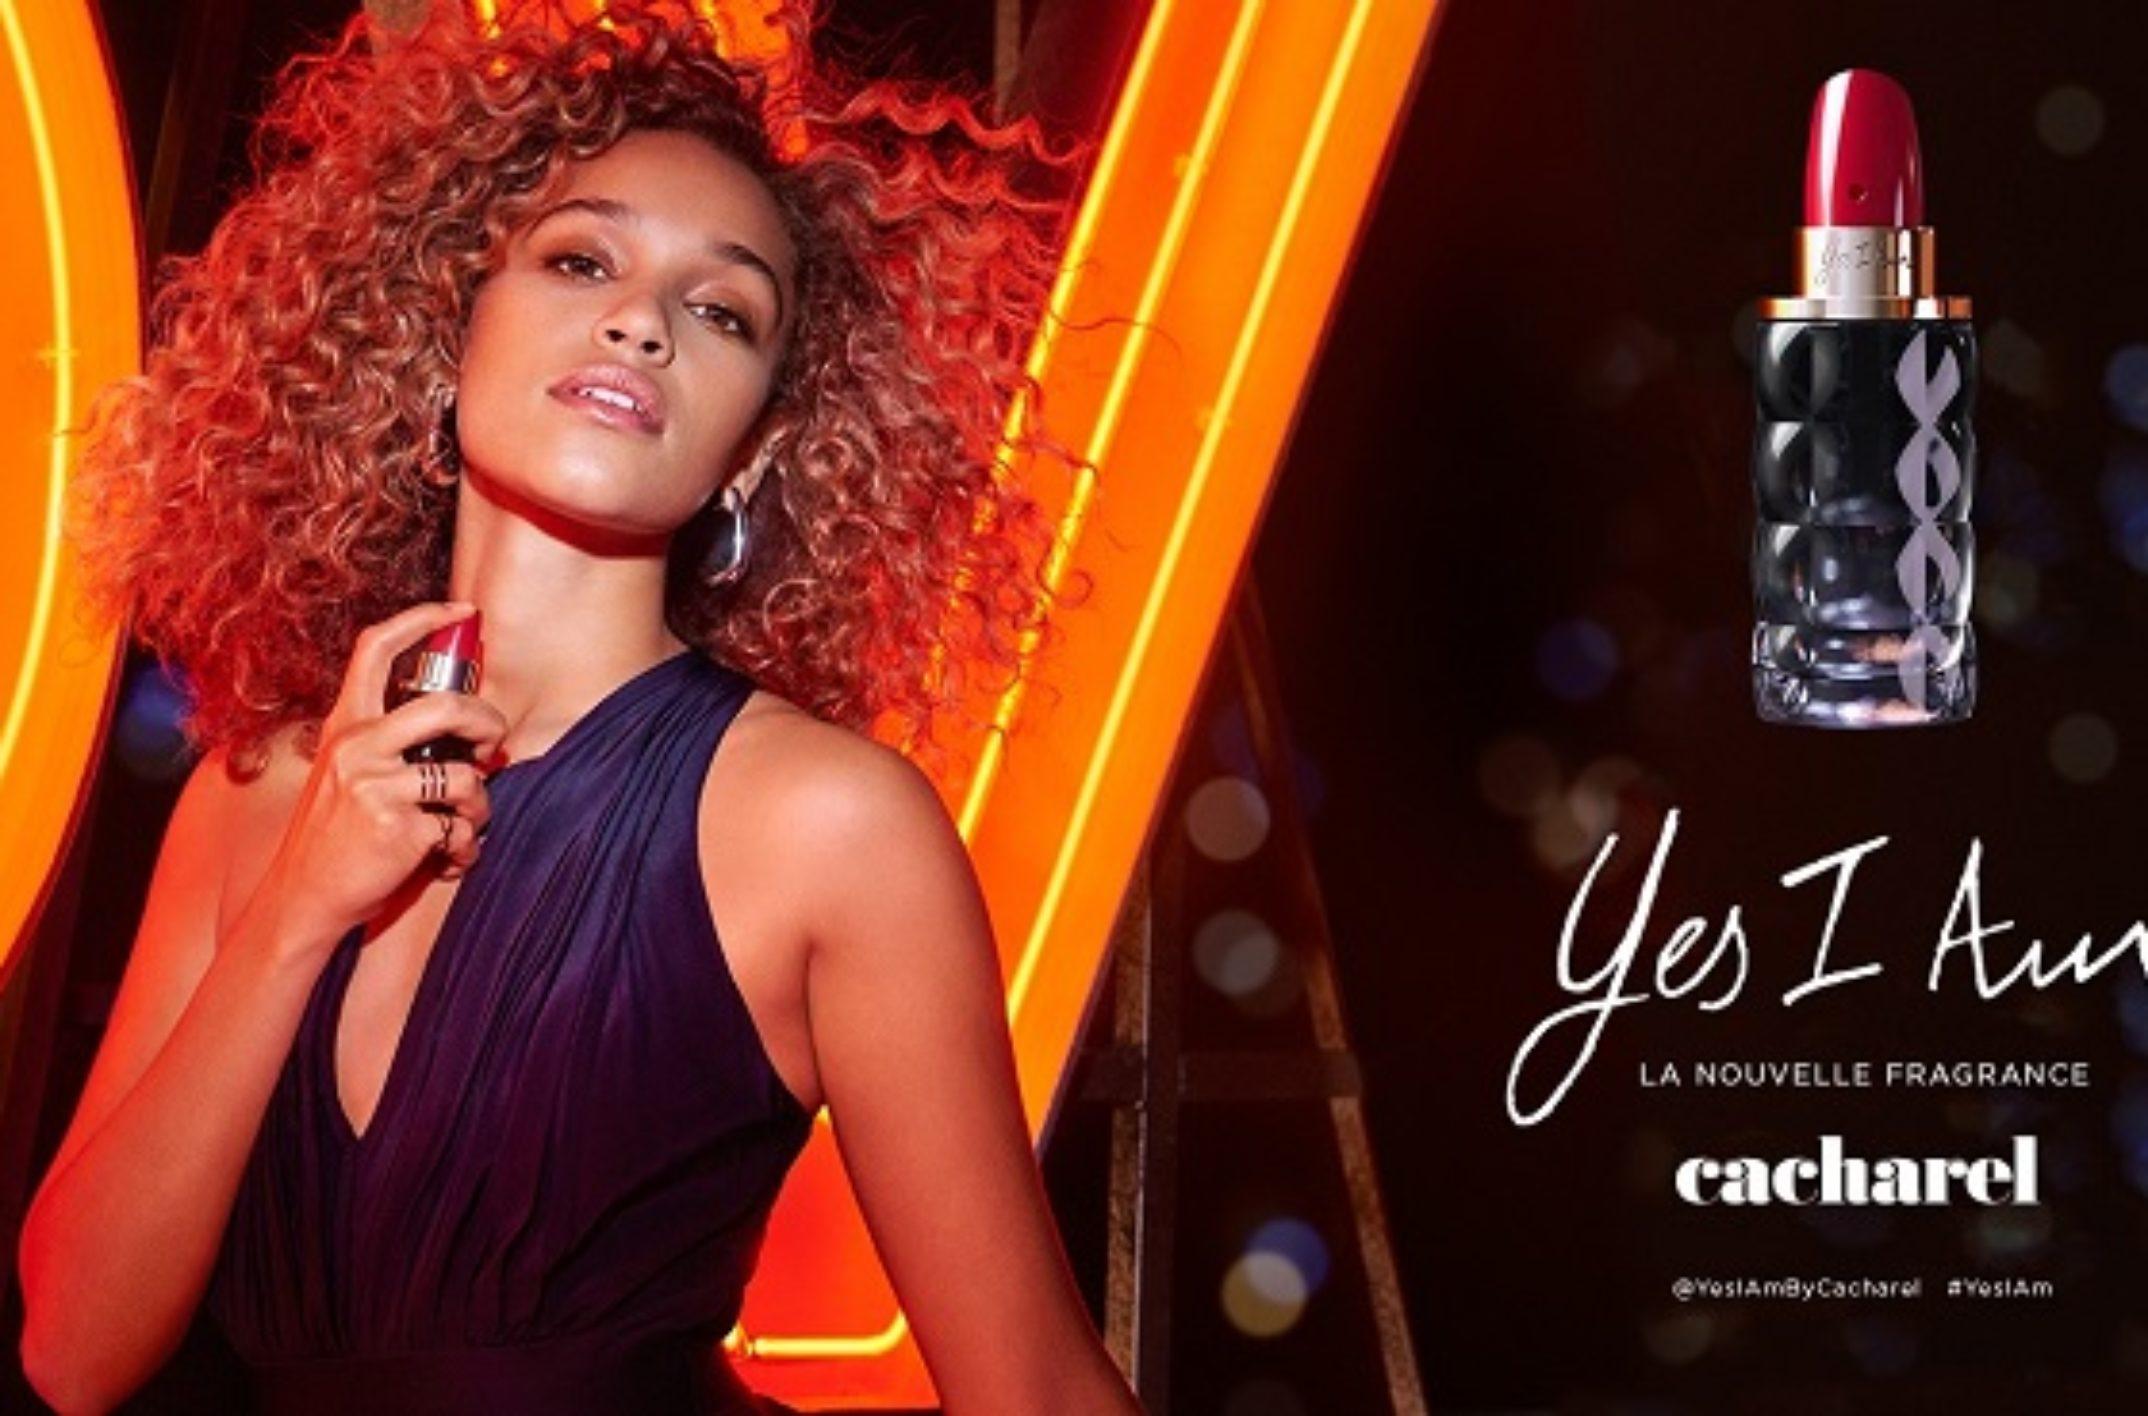 Des échantillons gratuits du parfum Yes I Am de Cacharel à recevoir